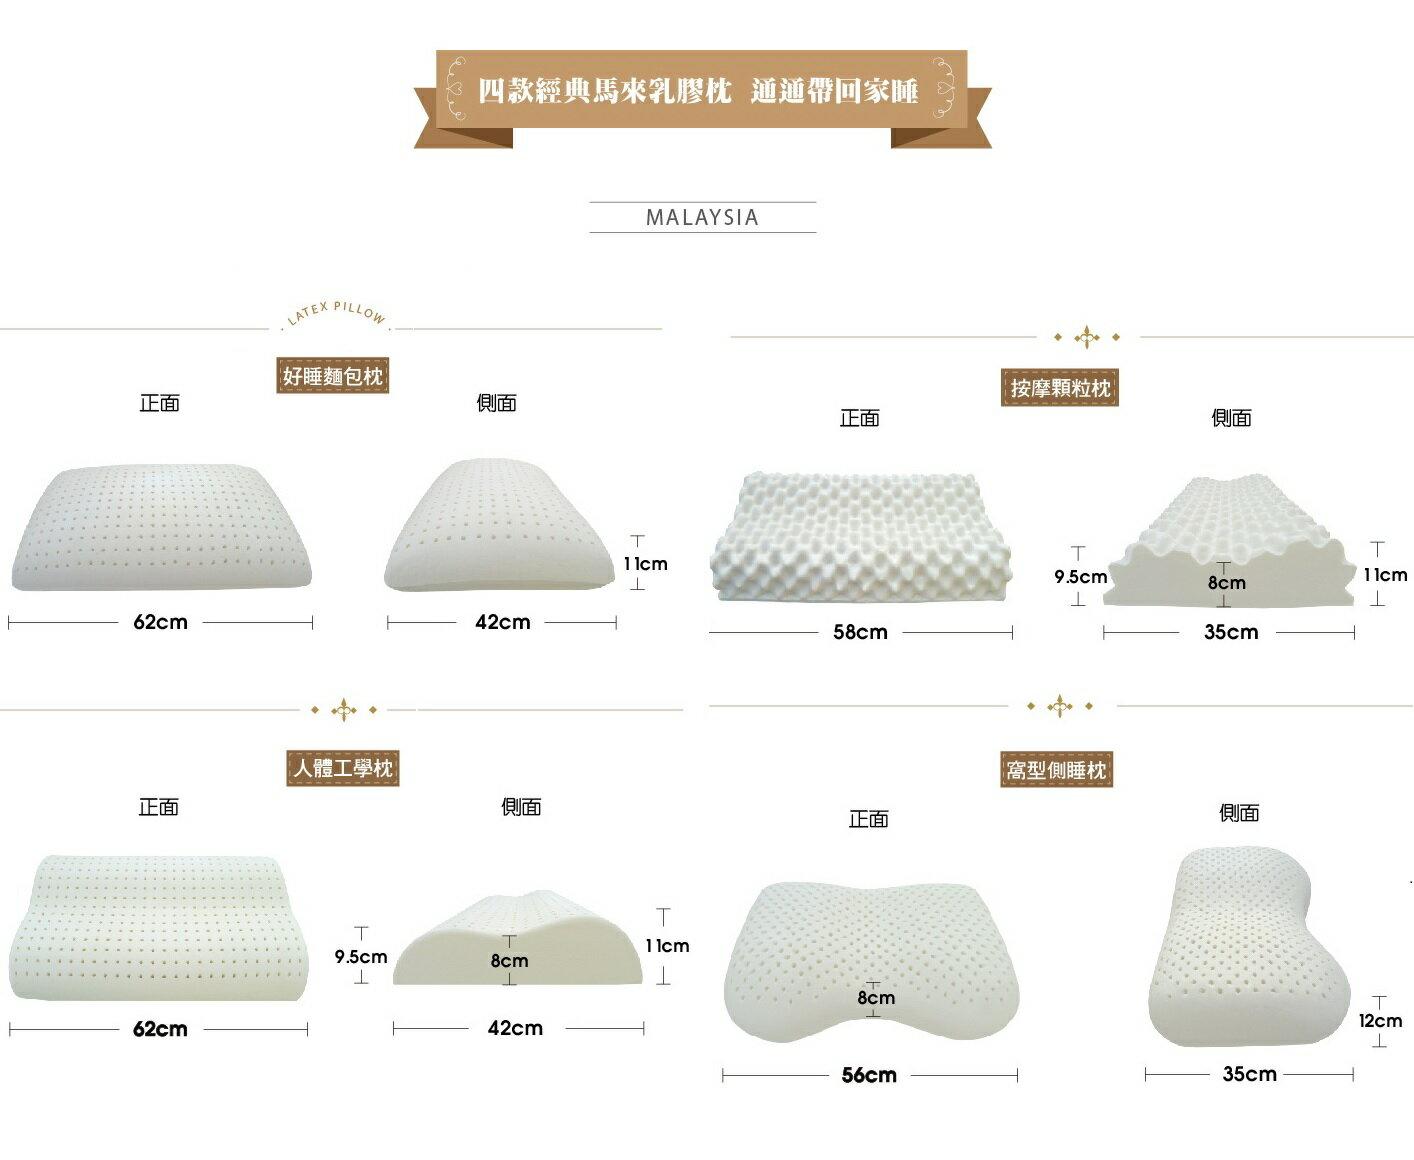 班尼斯馬來西亞【天然乳膠枕頭】附贈抗菌布套、手提收納袋★馬來西亞進口天然乳膠枕,百萬品質保證★班尼斯國際家具名床 6